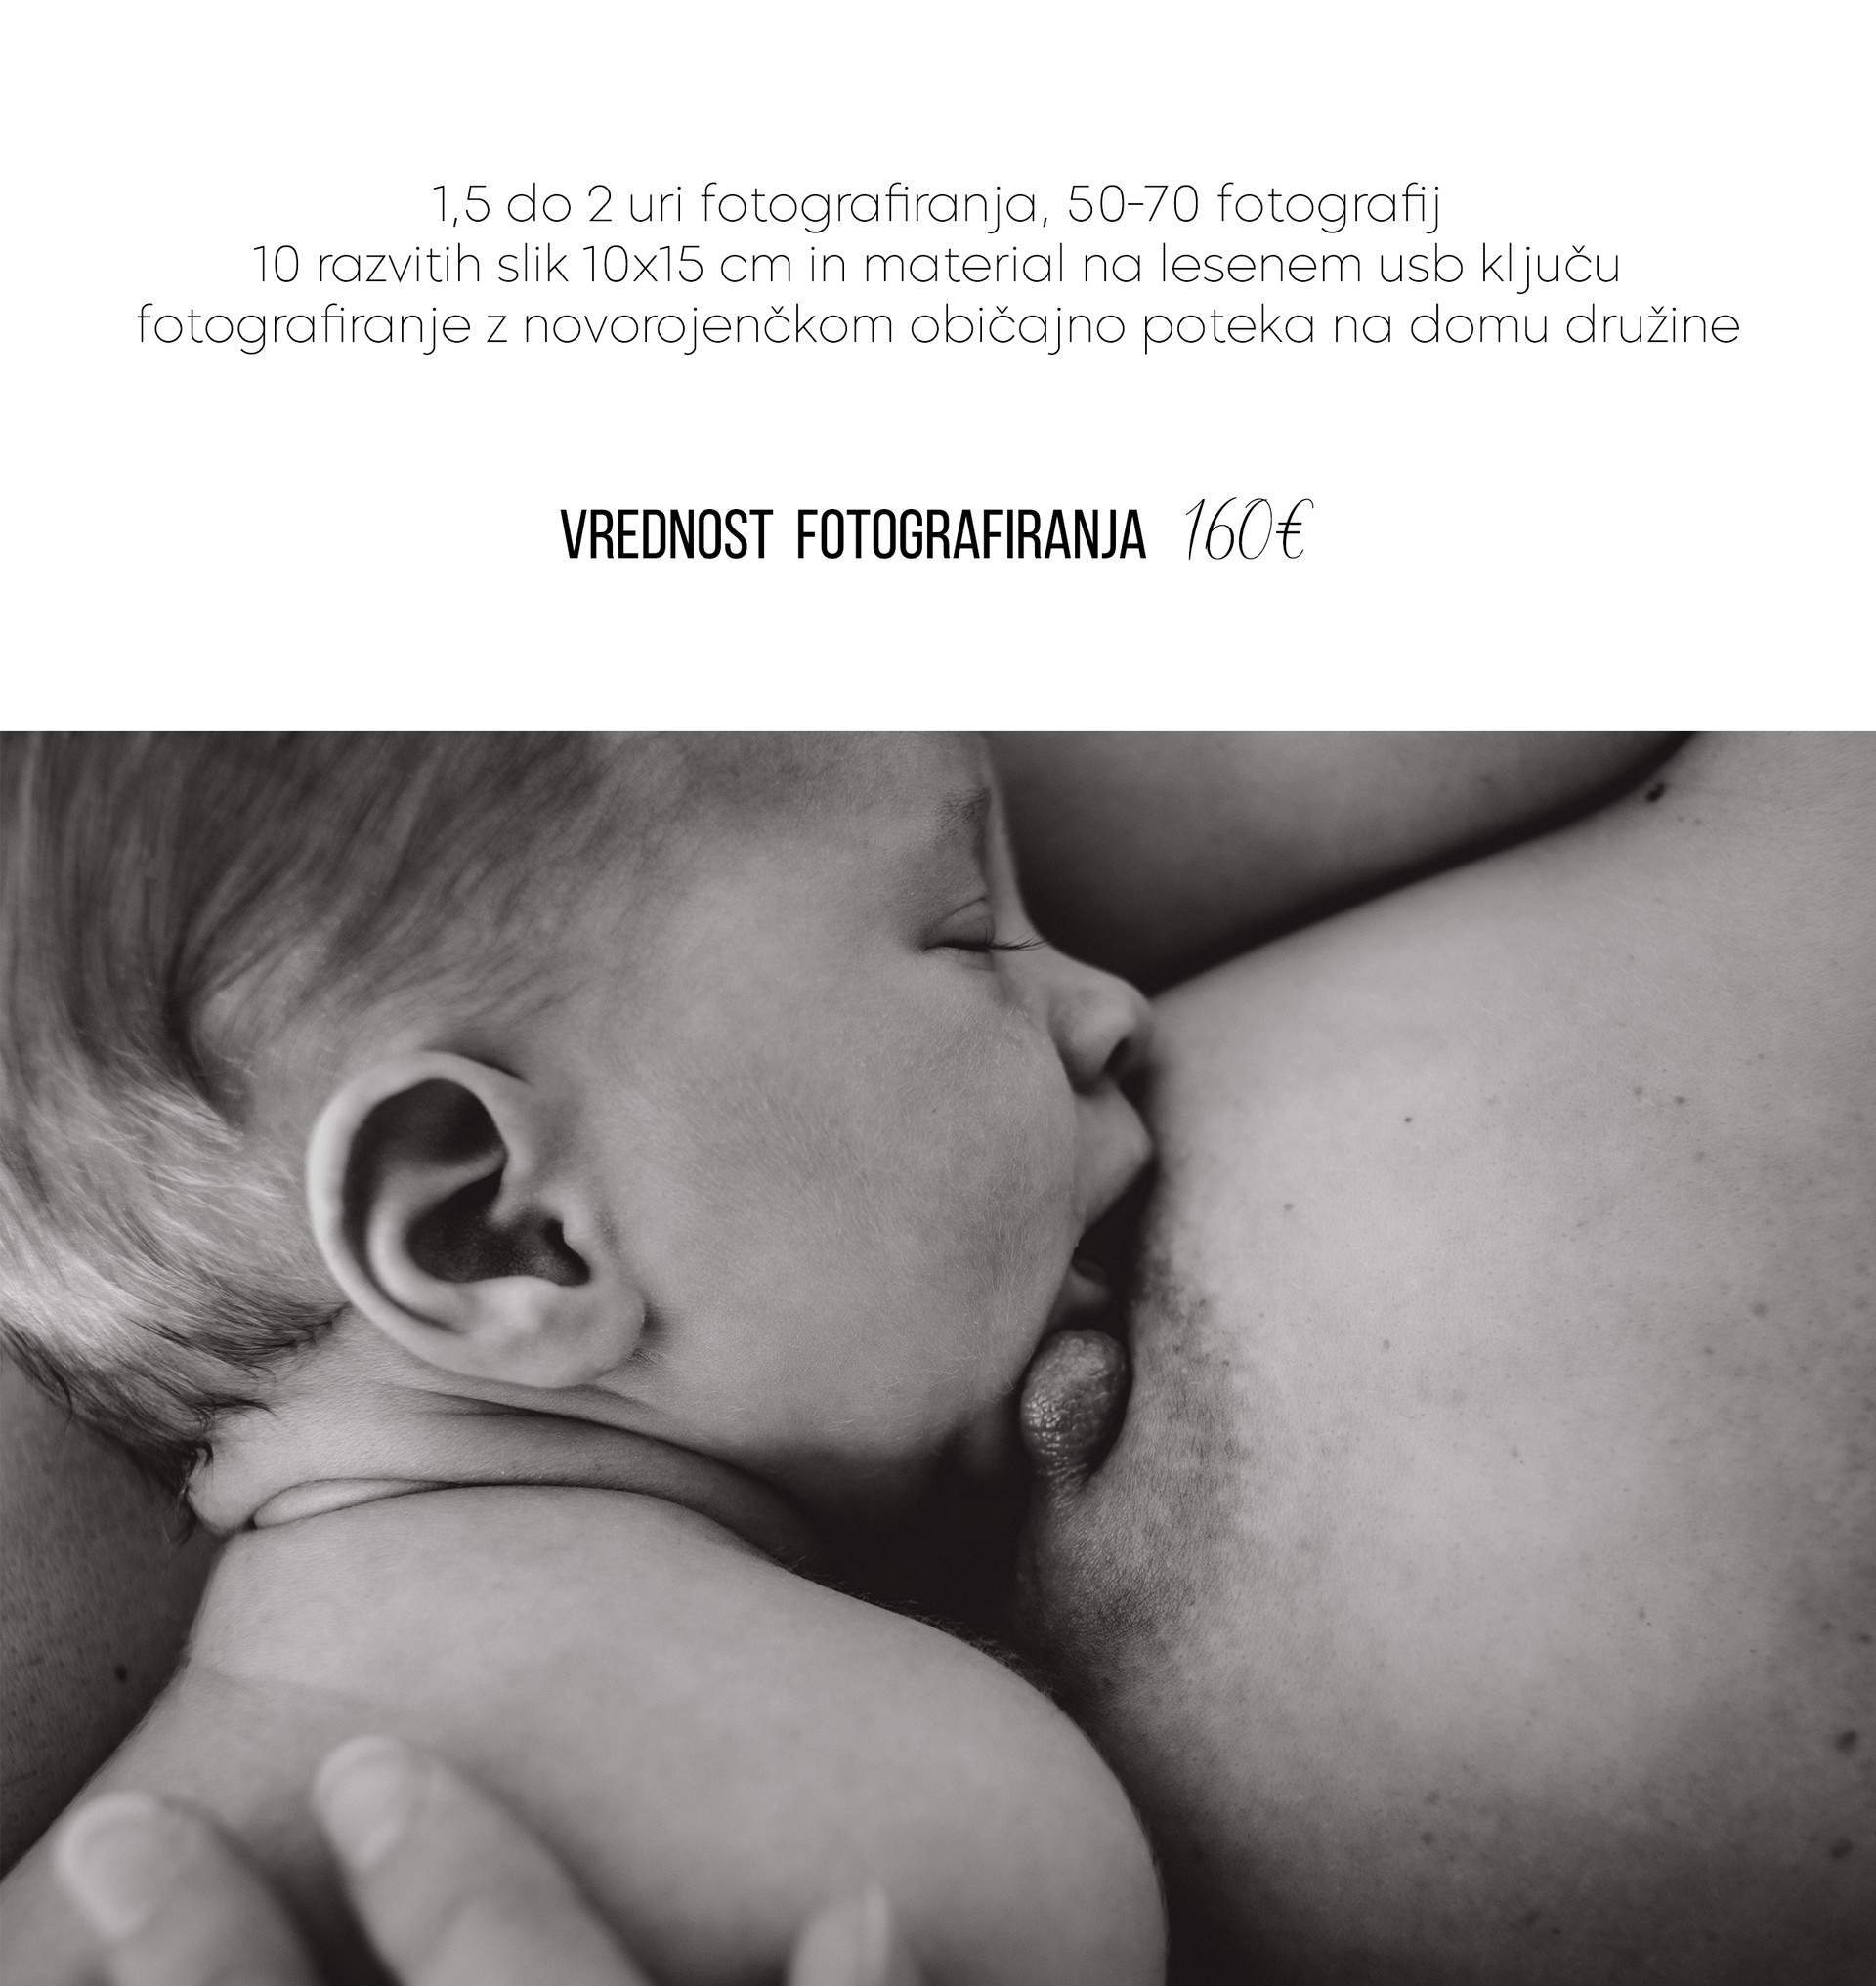 fotografiranje novorojenckov_3.jpg